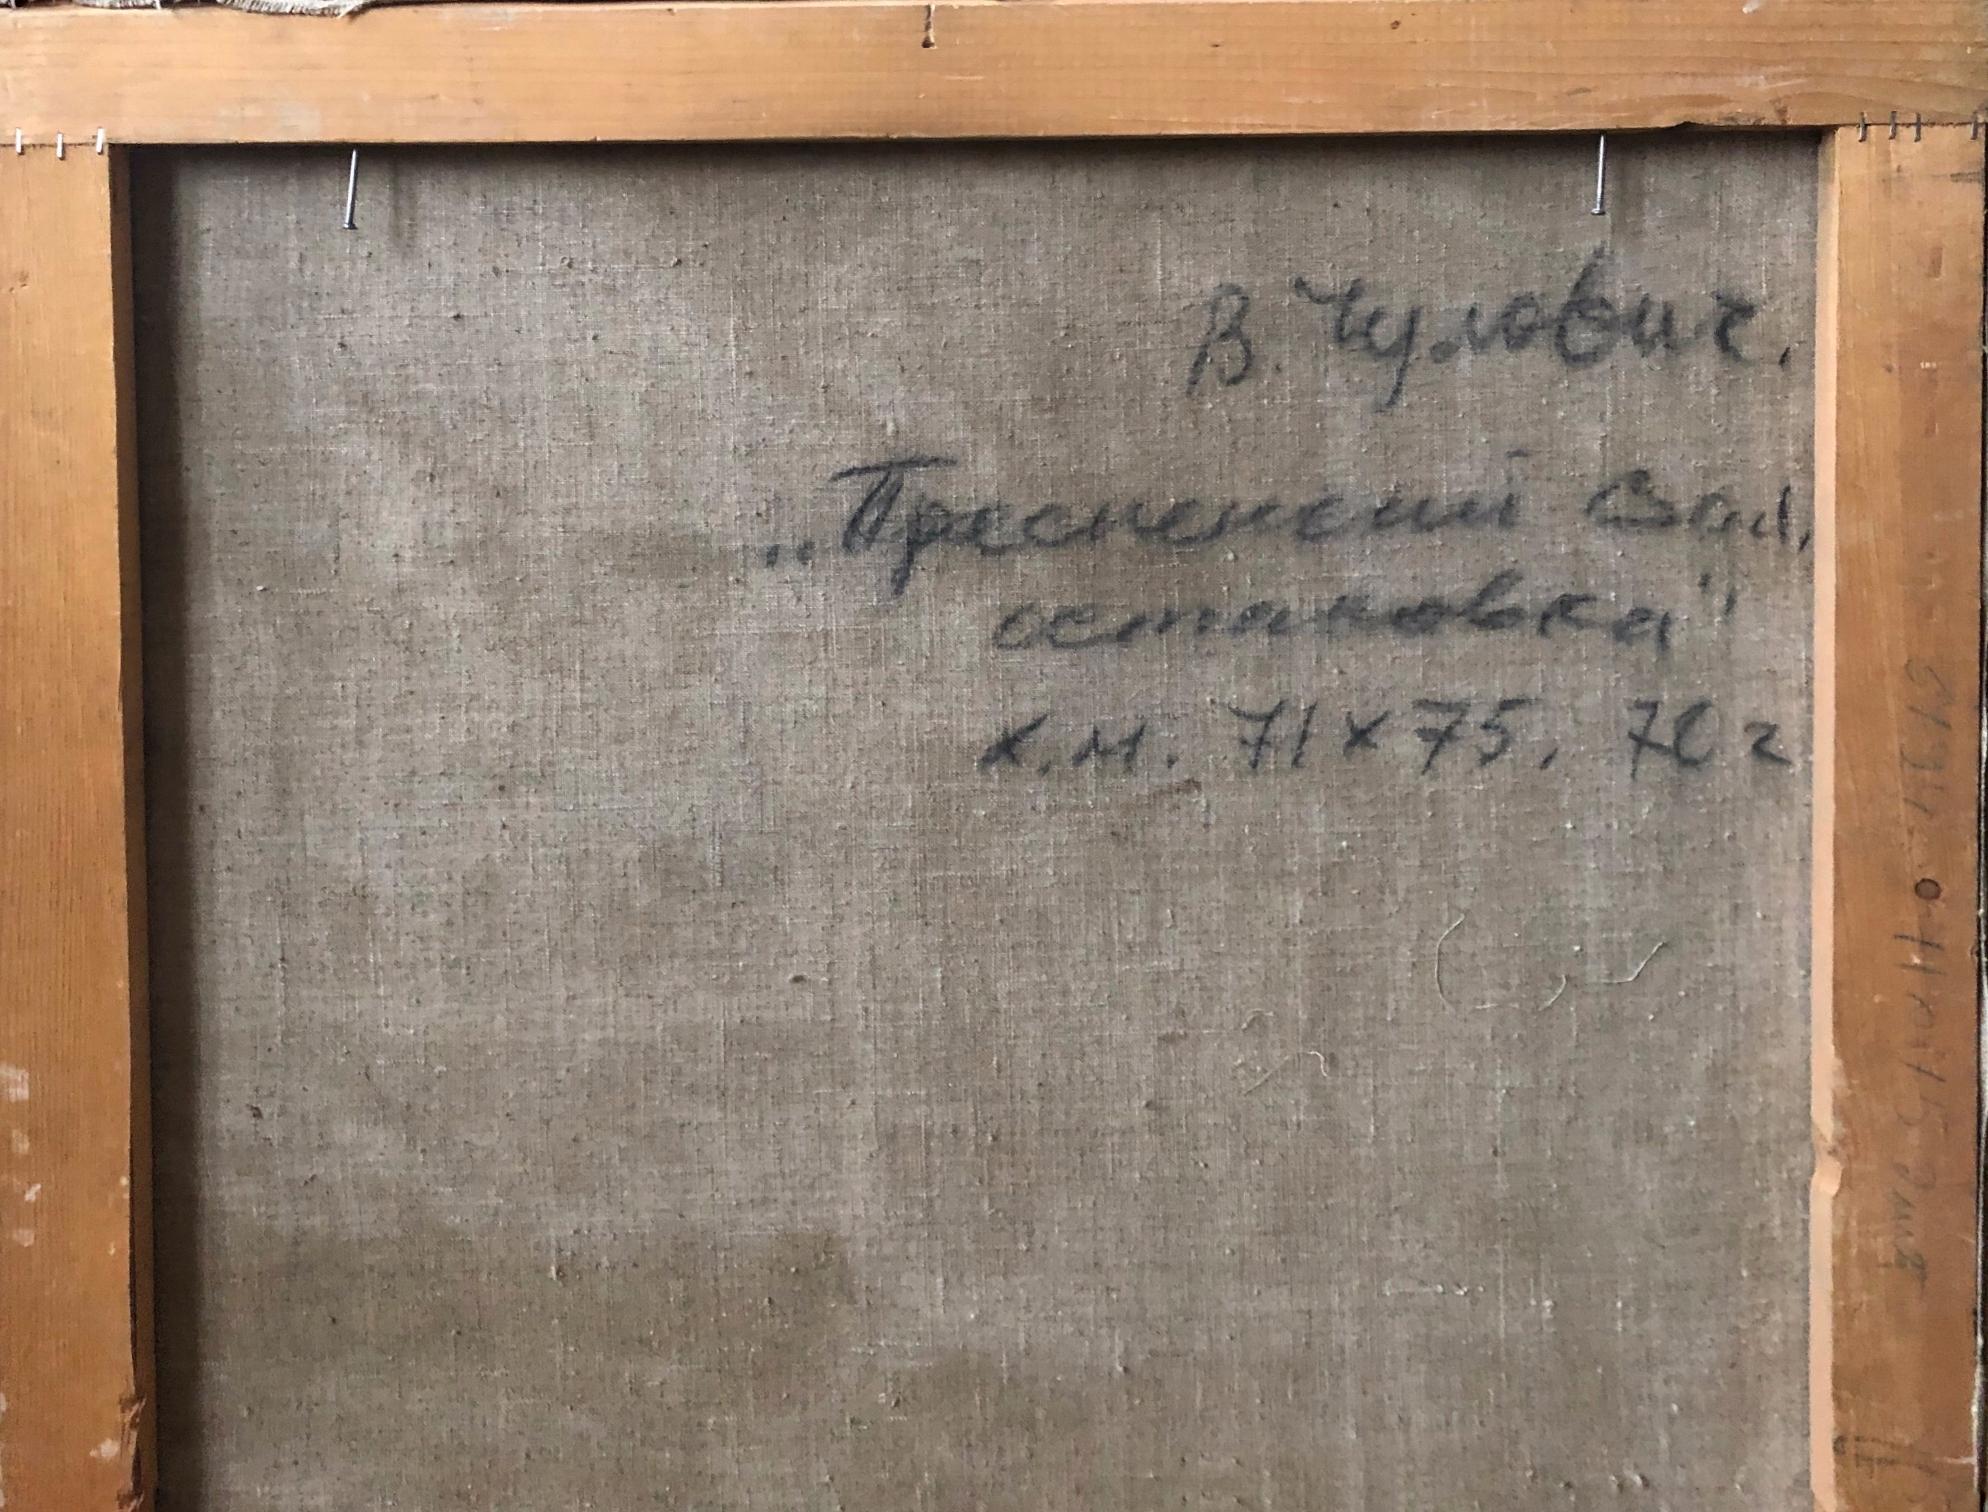 Оборот. Чулович Виктор Николаевич. Пресненский вал. Остановка